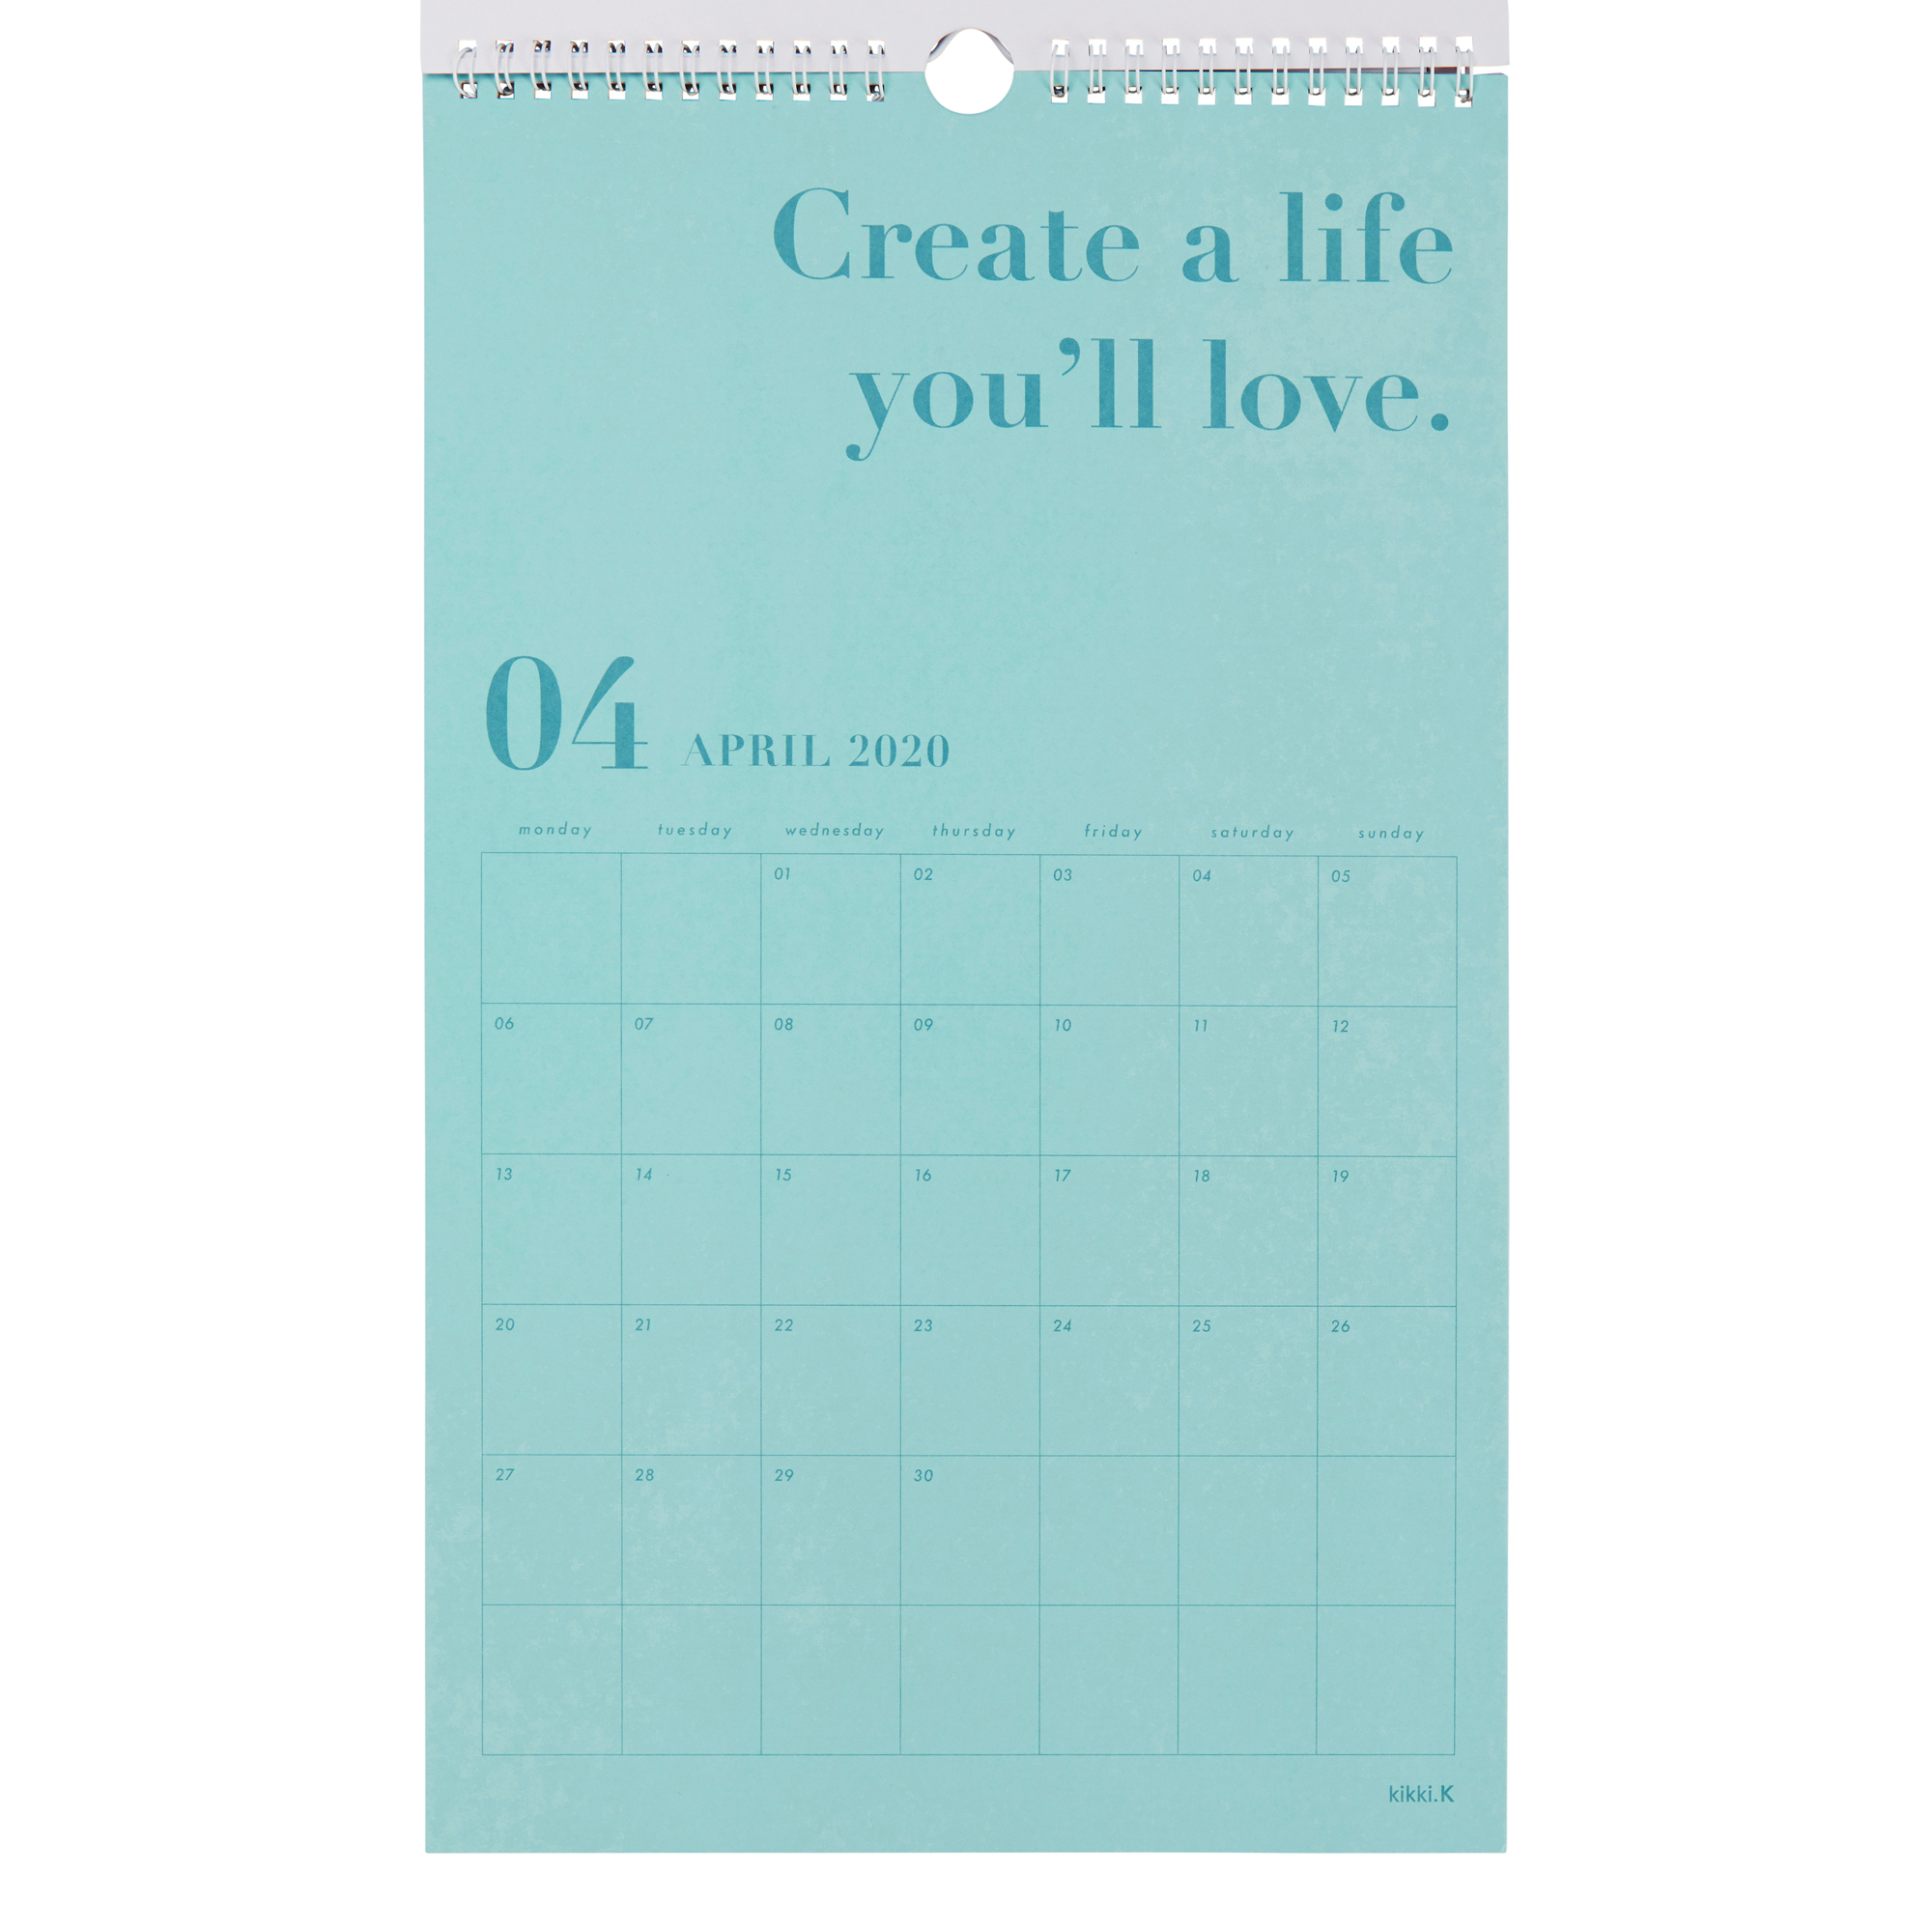 2020 Dream Life Wall Calendar White: Inspiration | Calendars | Kikki regarding 2020 Wall Calendar Kikki K